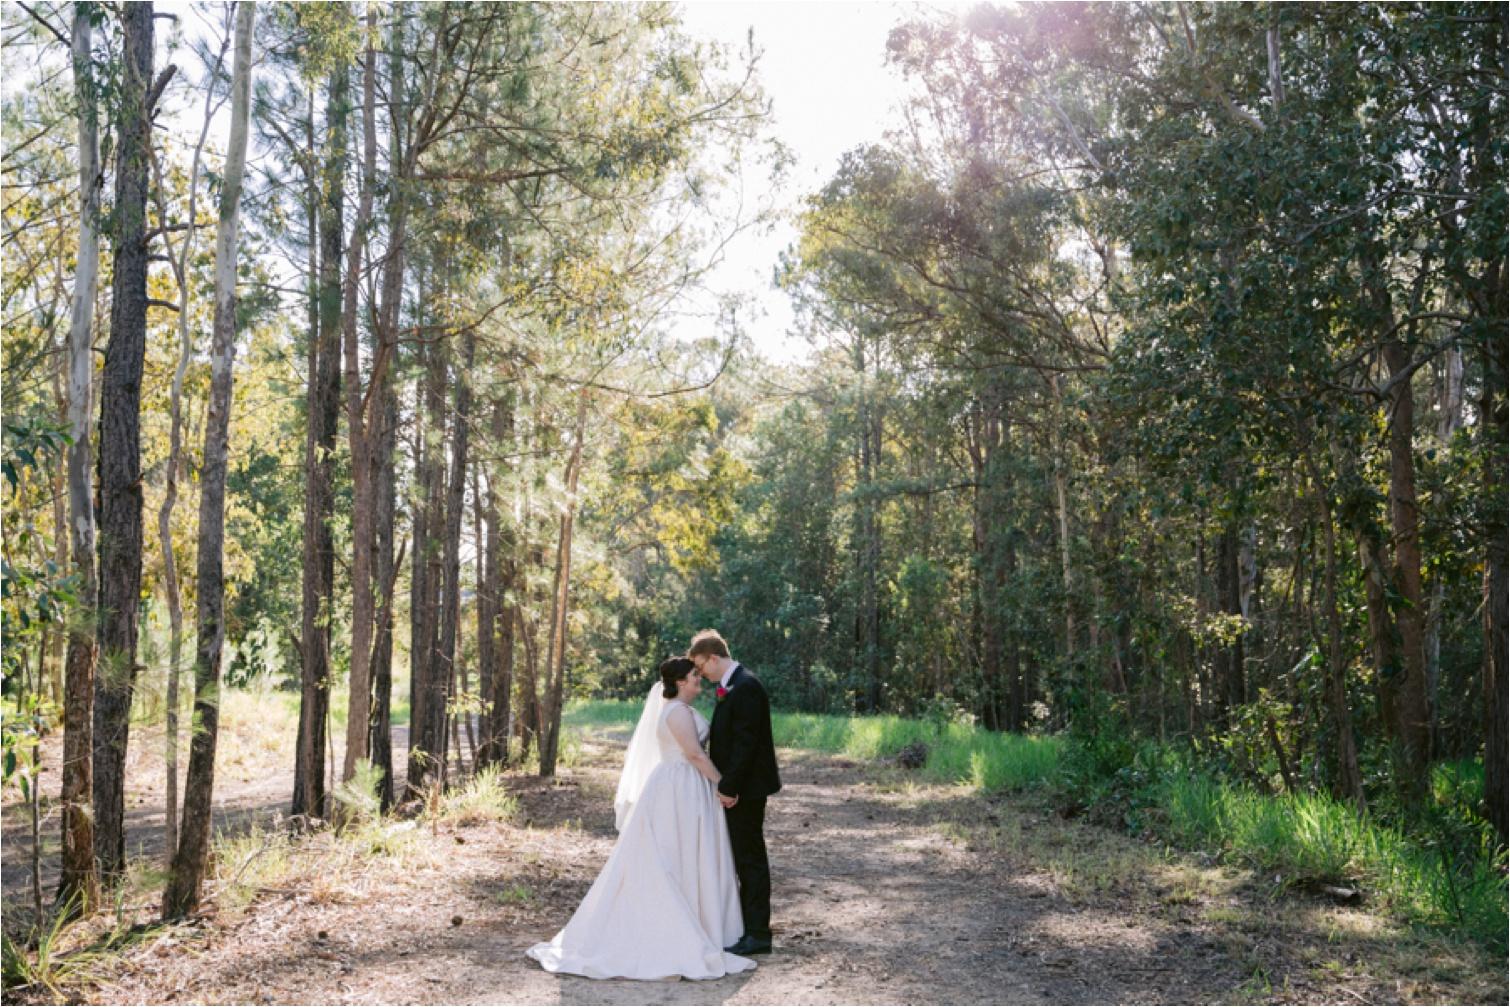 Bribie_Island_Bush_Wedding_Photography